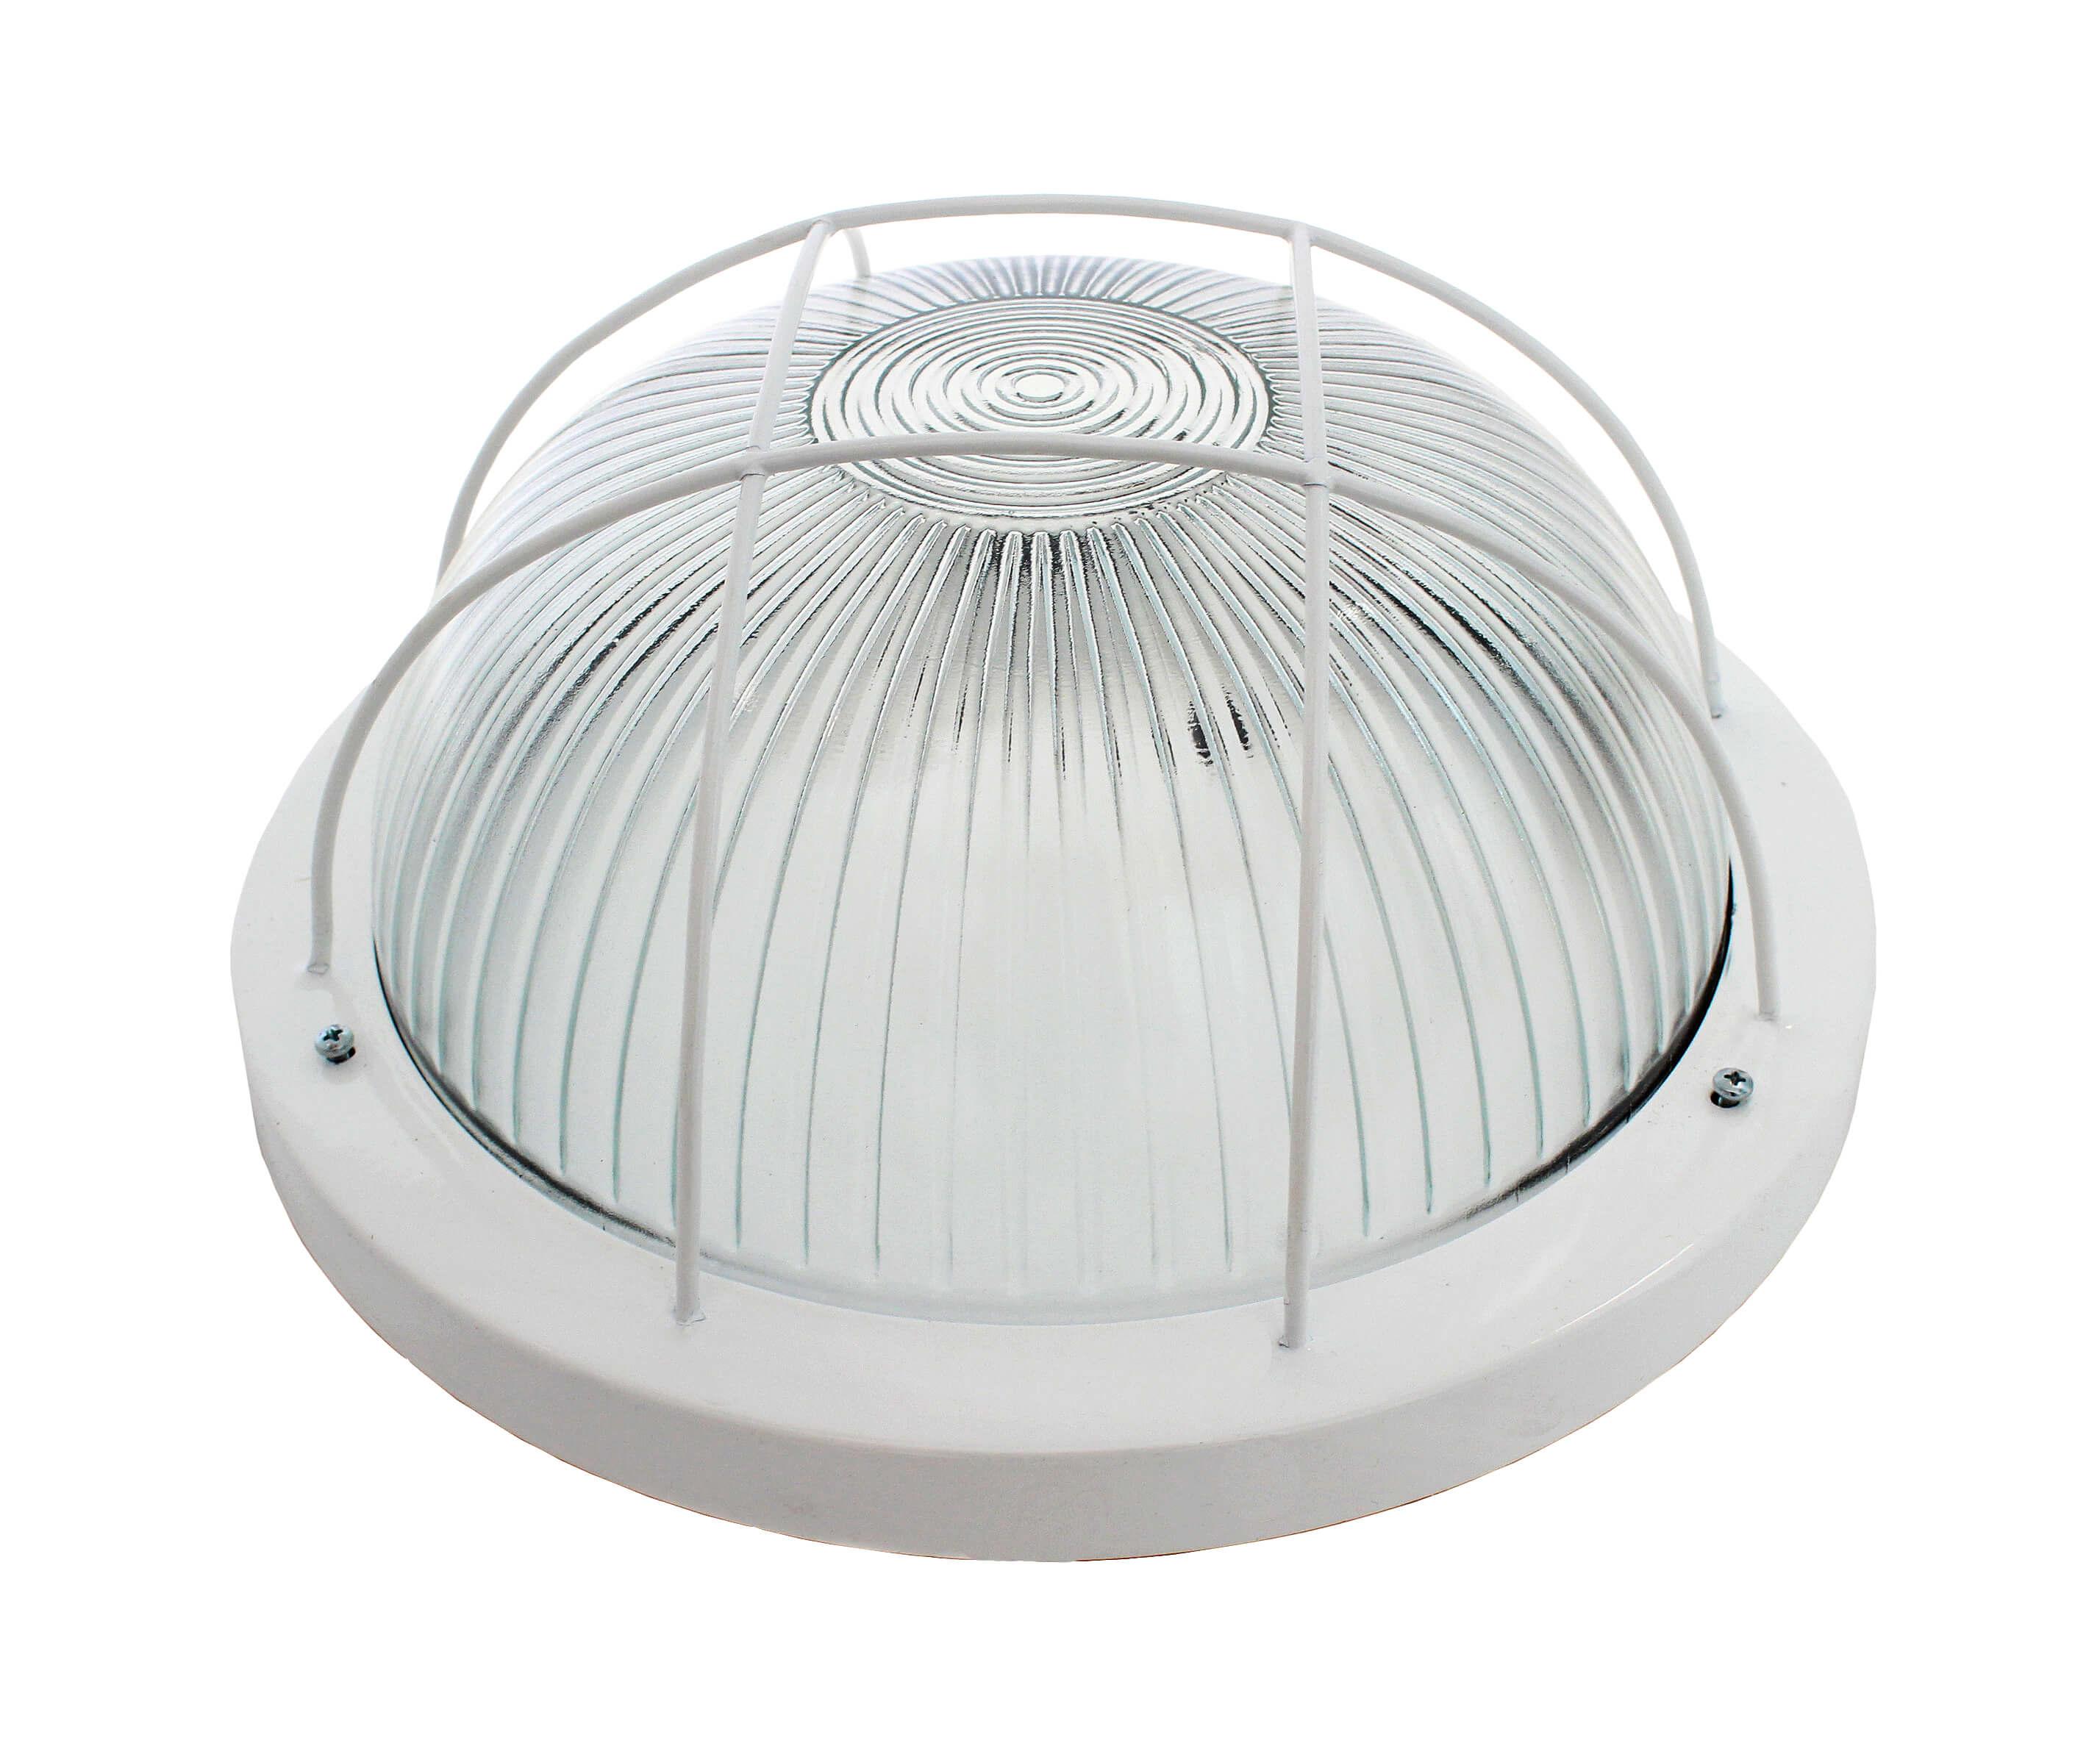 Что такое накладные точечные светильники и в каких случаях они нужны?